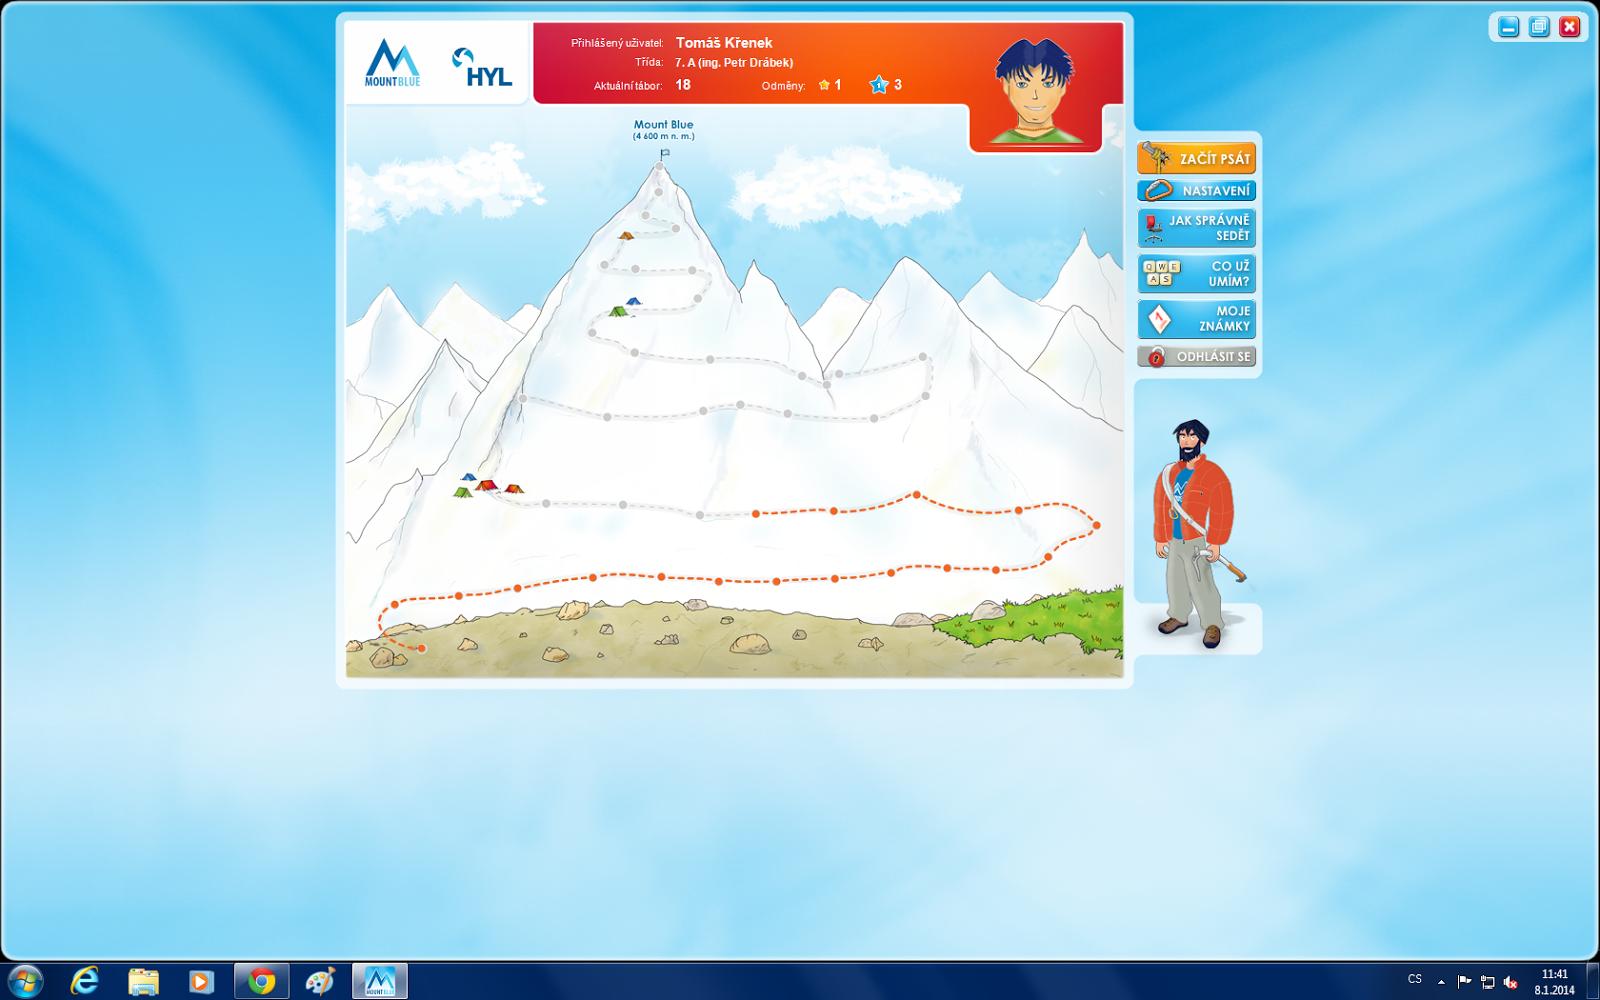 Mount Blue - výuka psaní na počítači